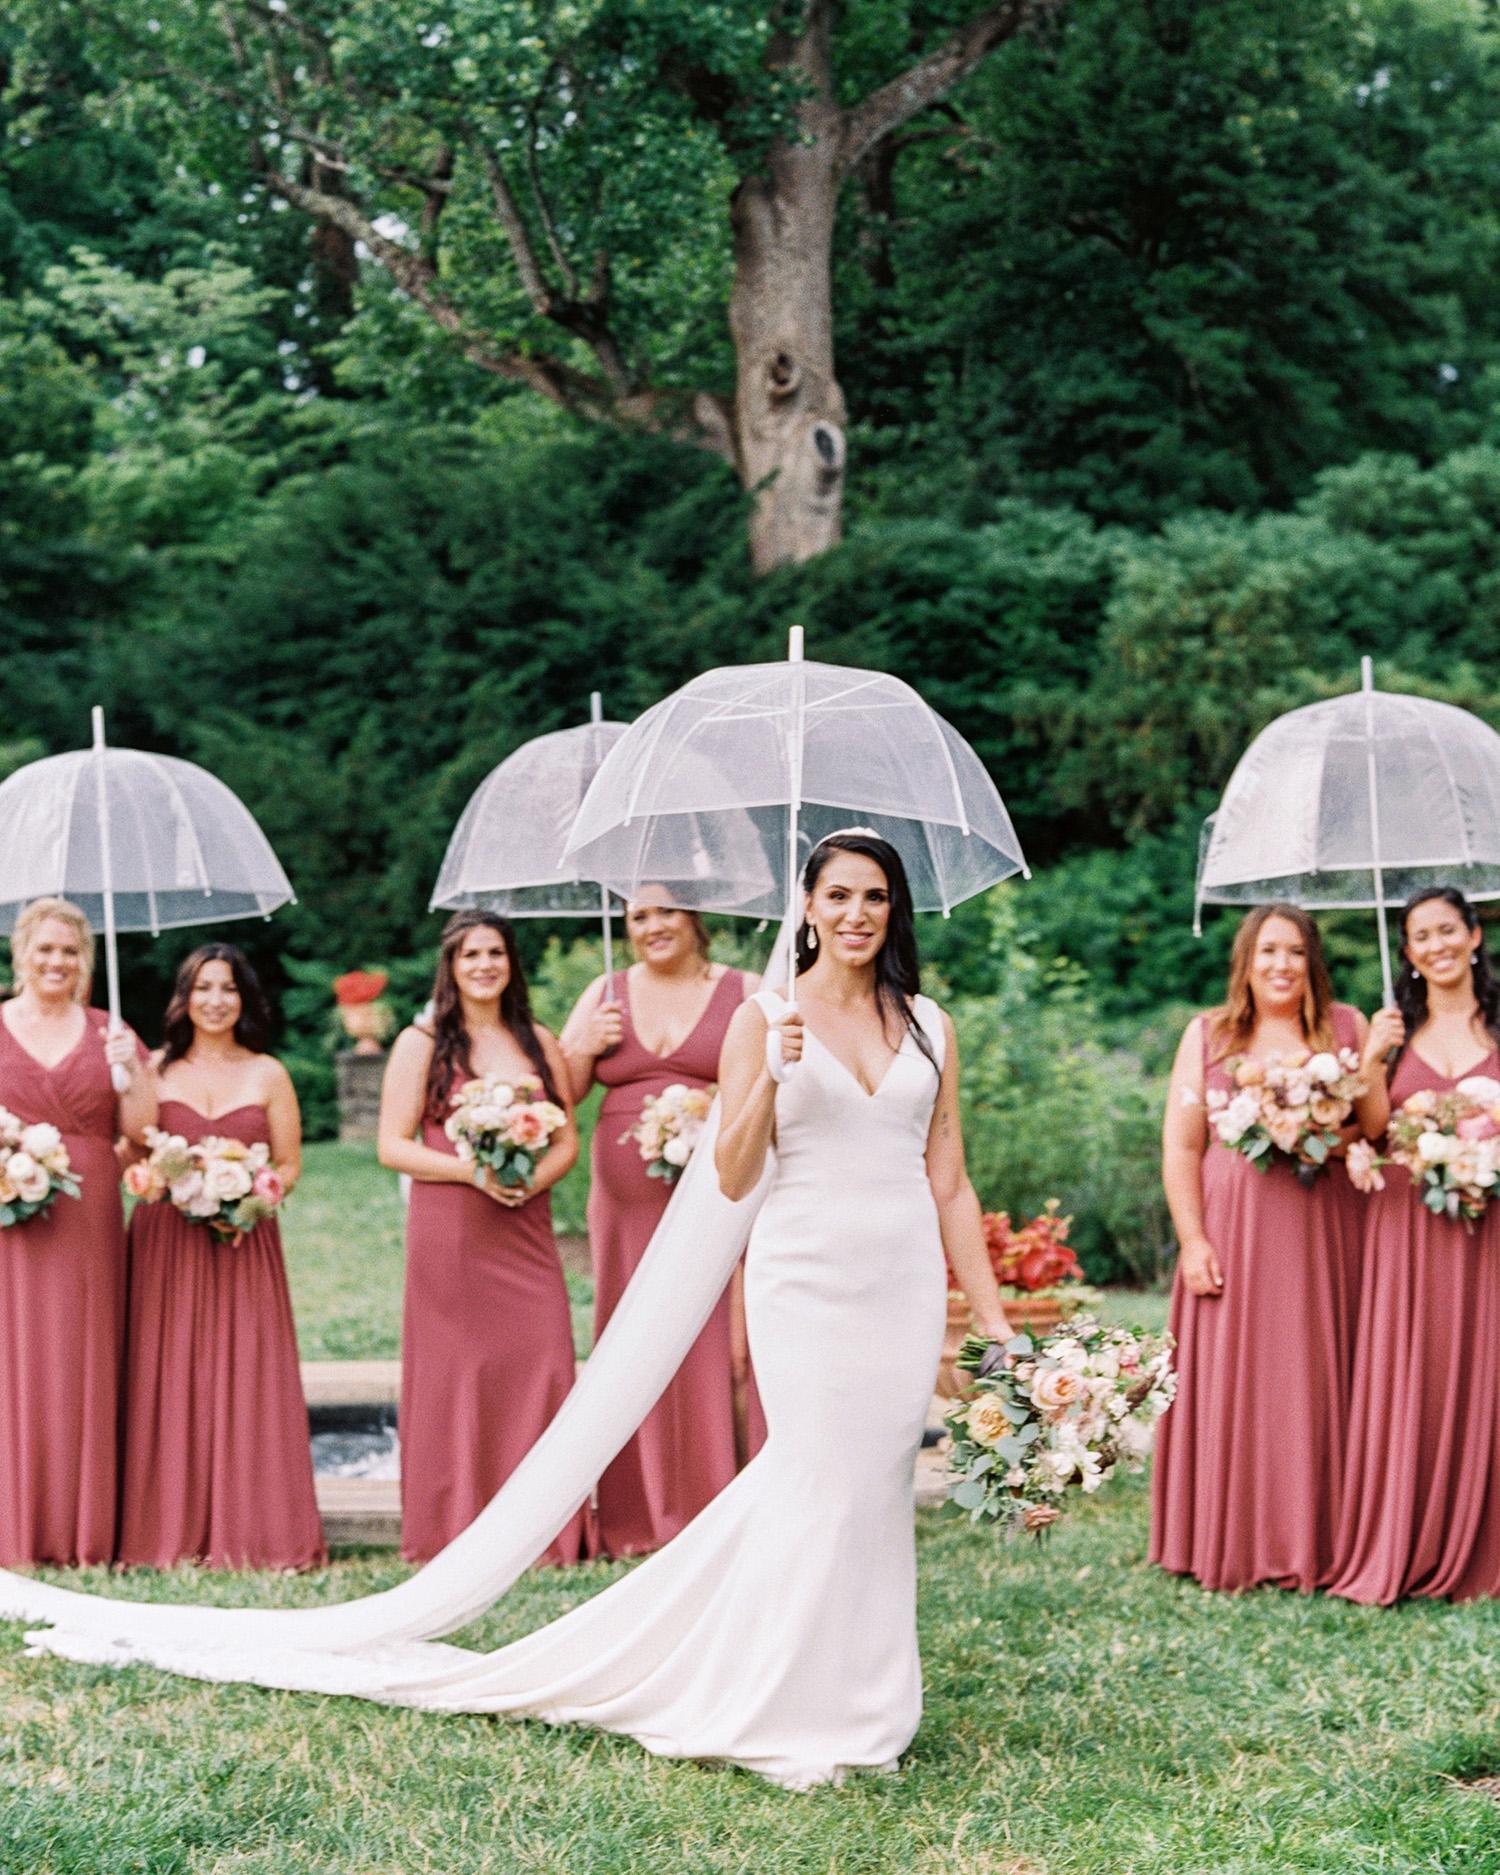 noel mike wedding bridesmaids bride umbrellas